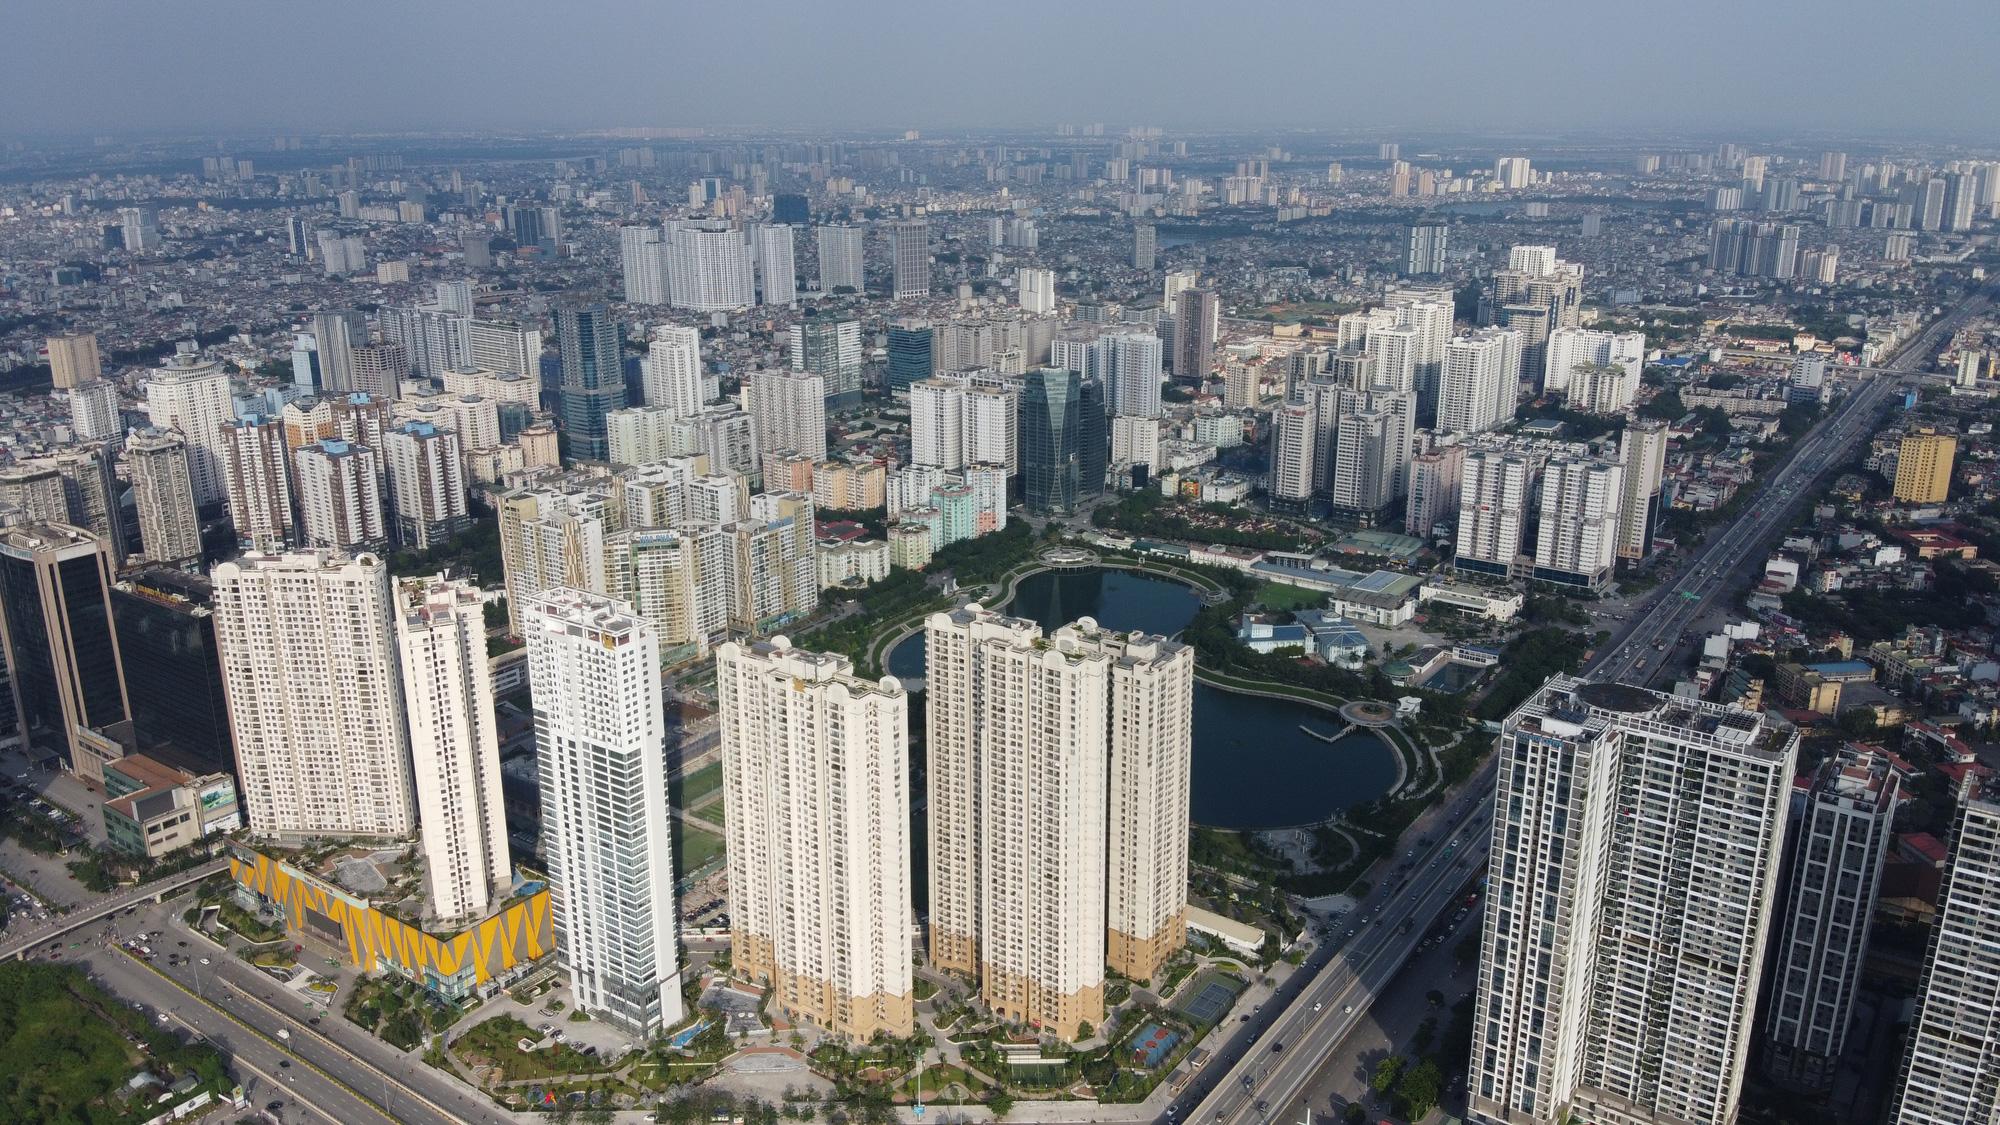 Giao dịch căn hộ ảm đạm ở cả Hà Nội và TP.HCM - Ảnh 2.